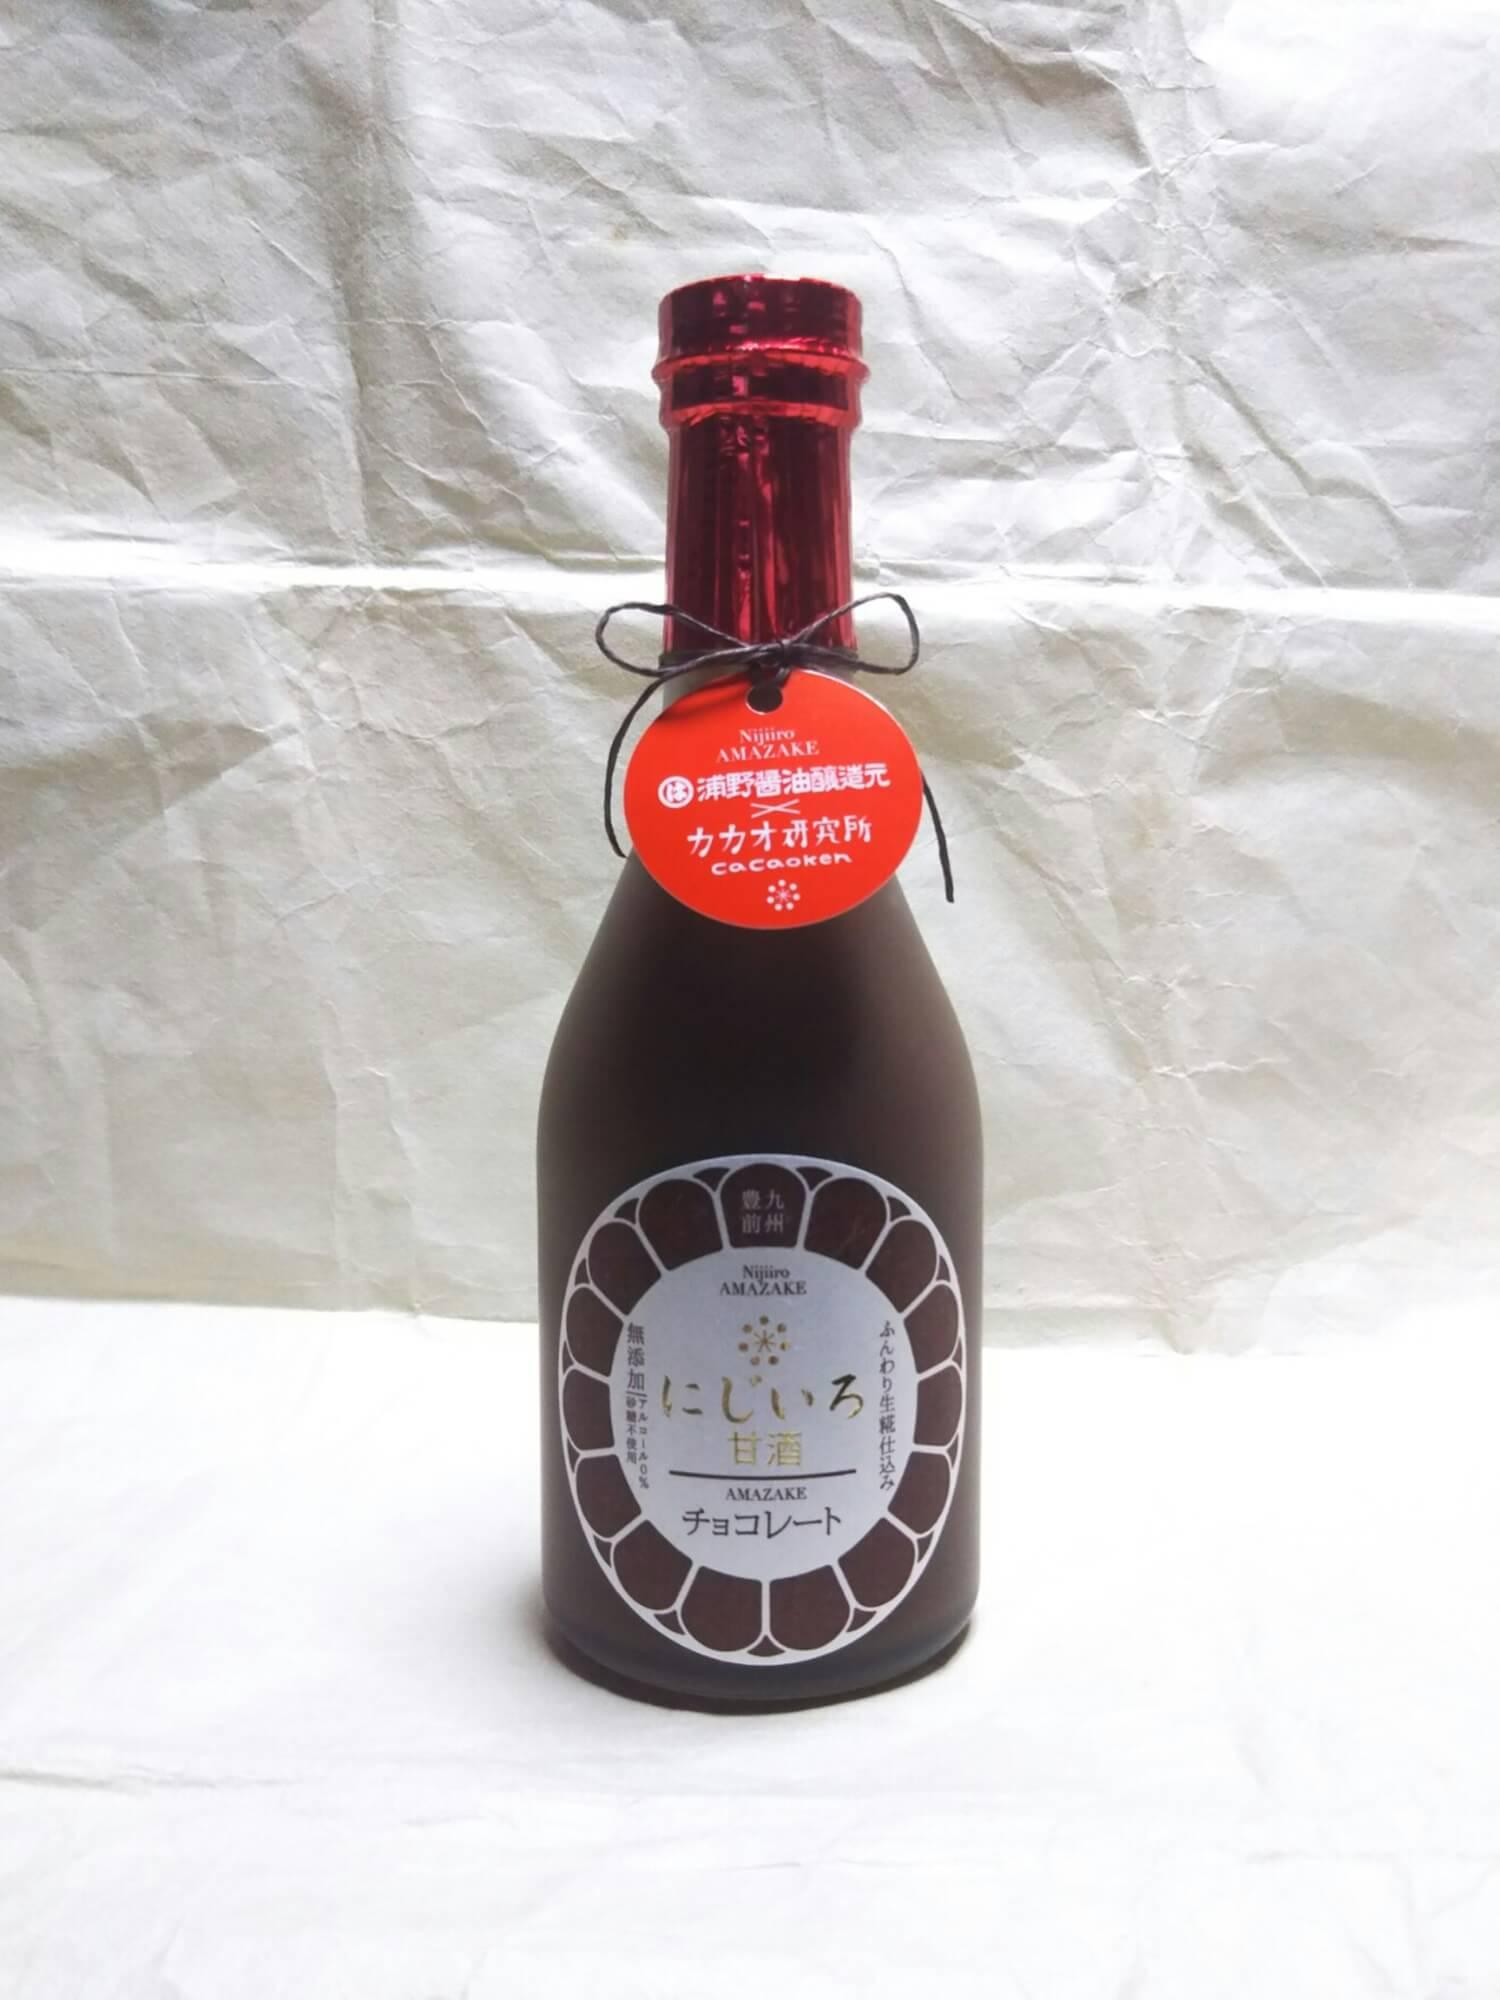 にじいろ甘酒/チョコレート2019 (320g)